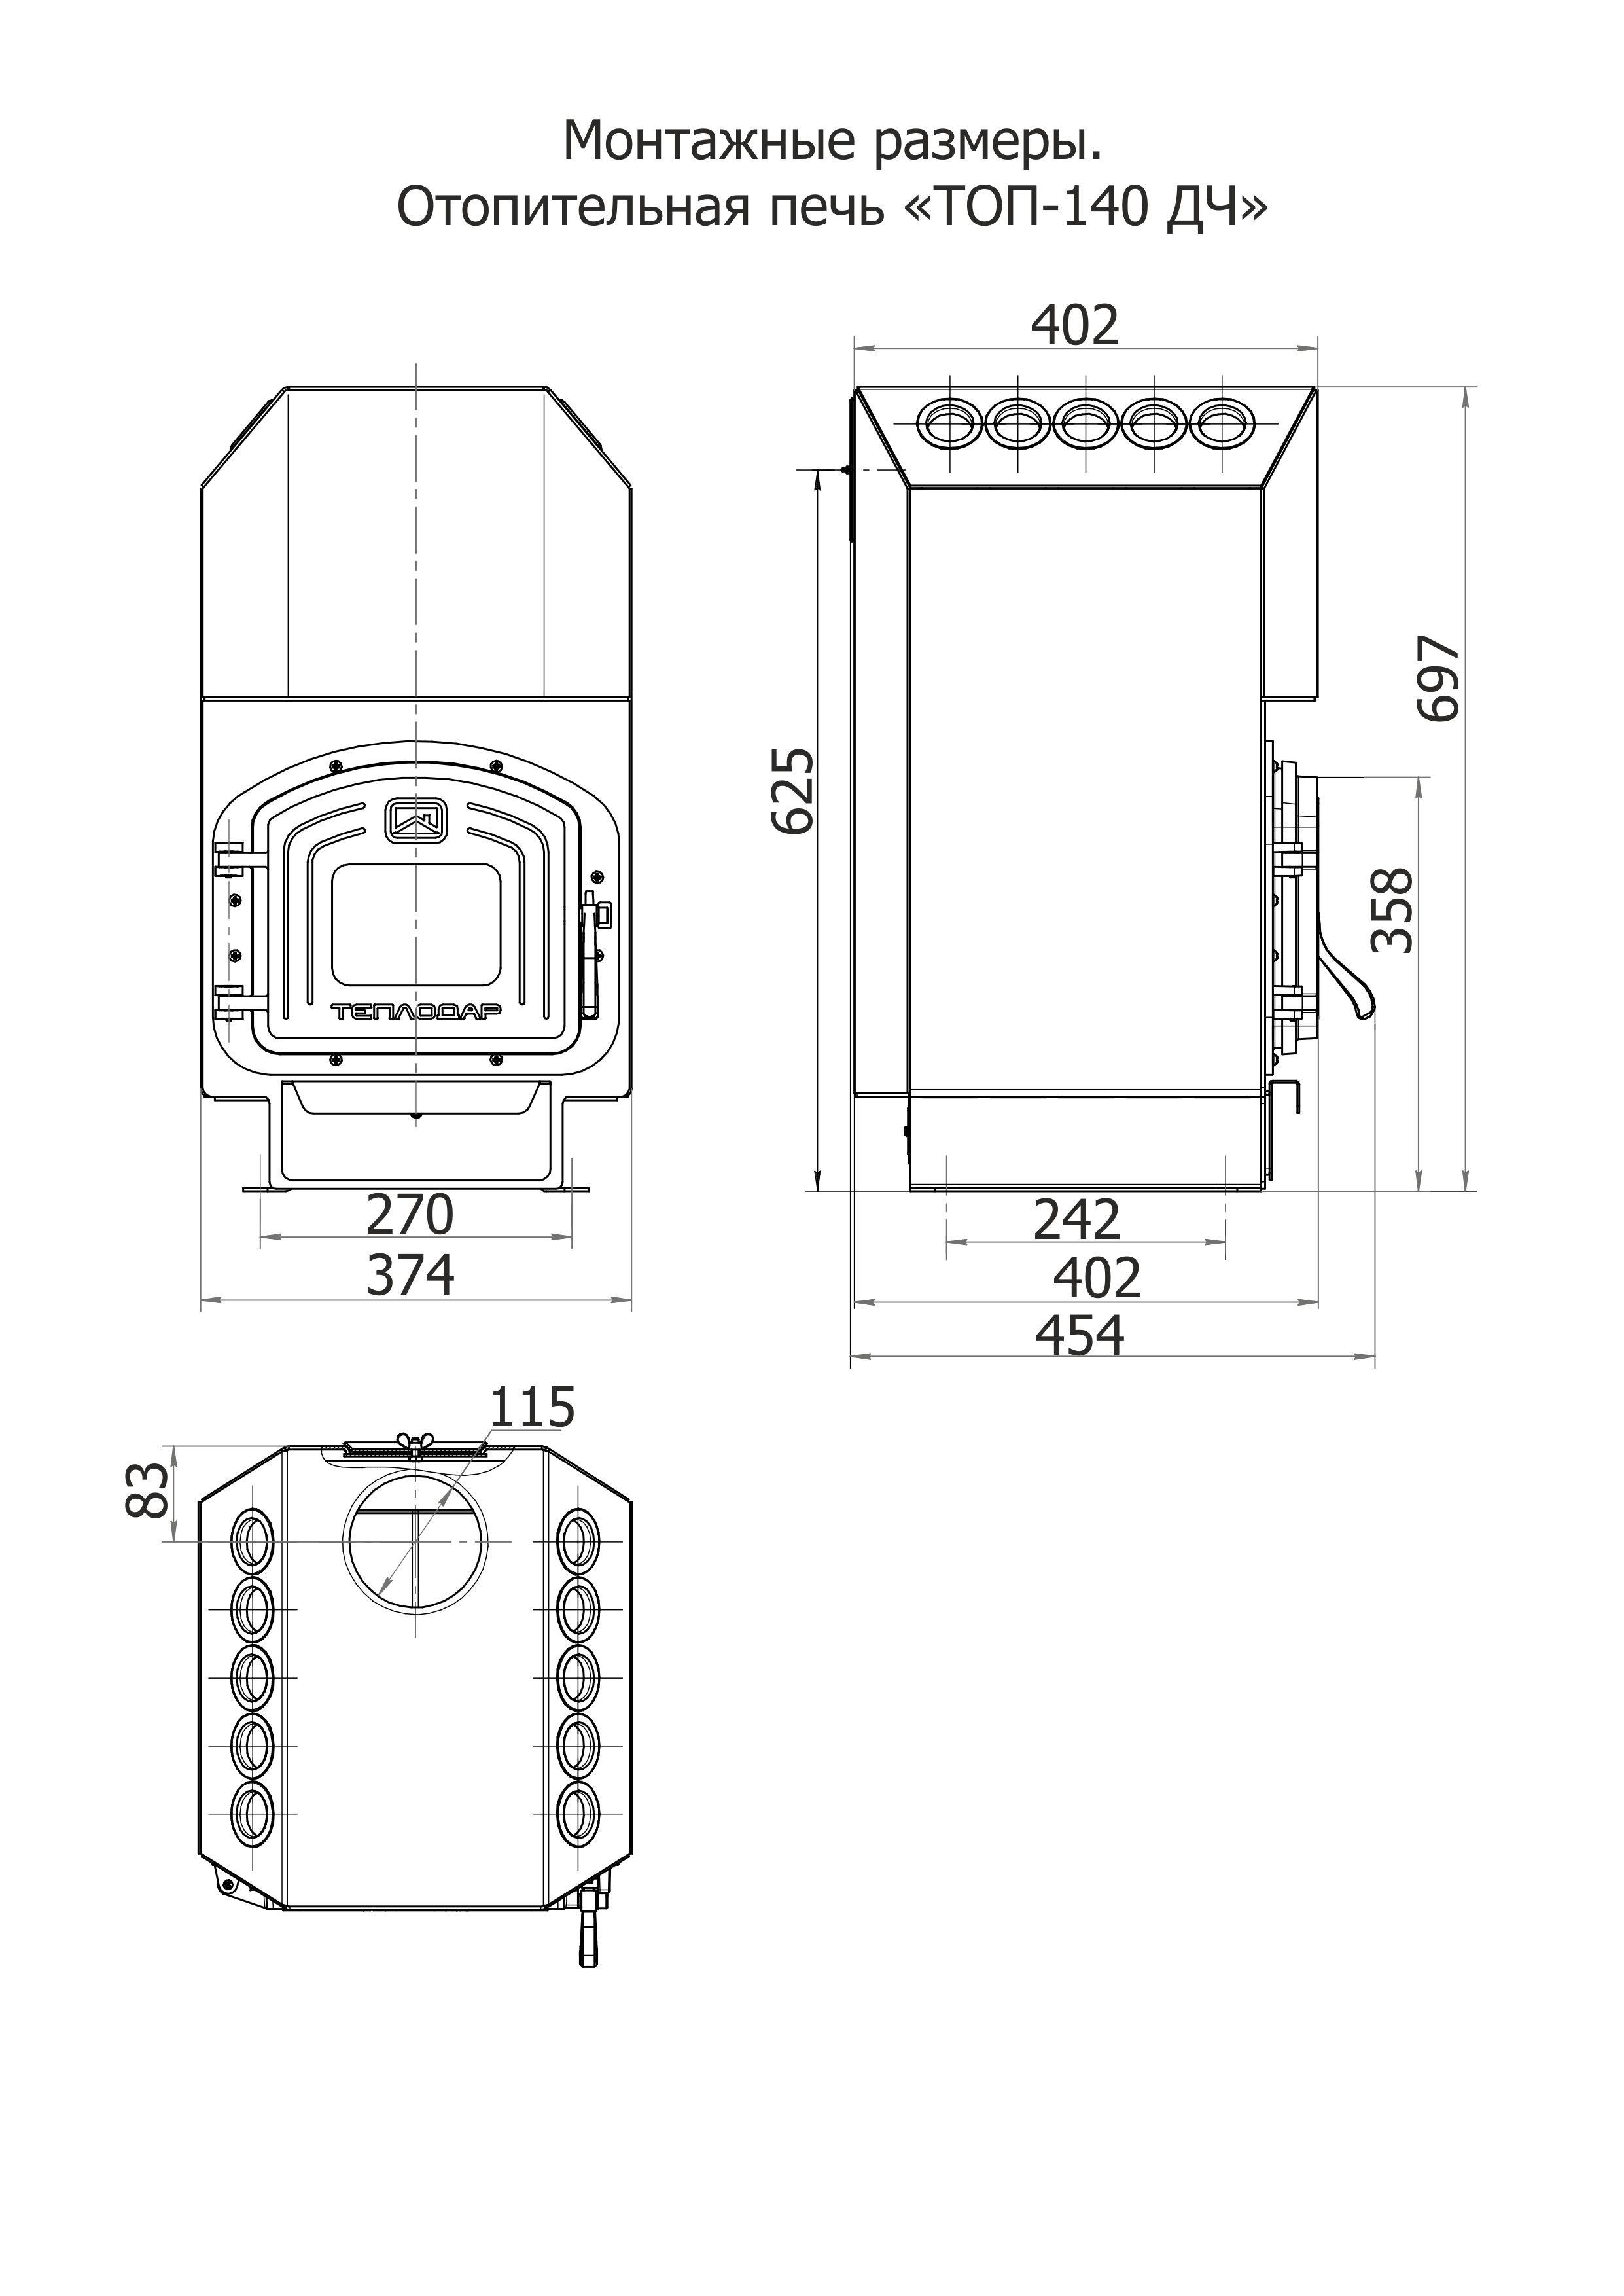 Отопительная печь Теплодар ТОП 140 чугунная дверца со стеклом фото4